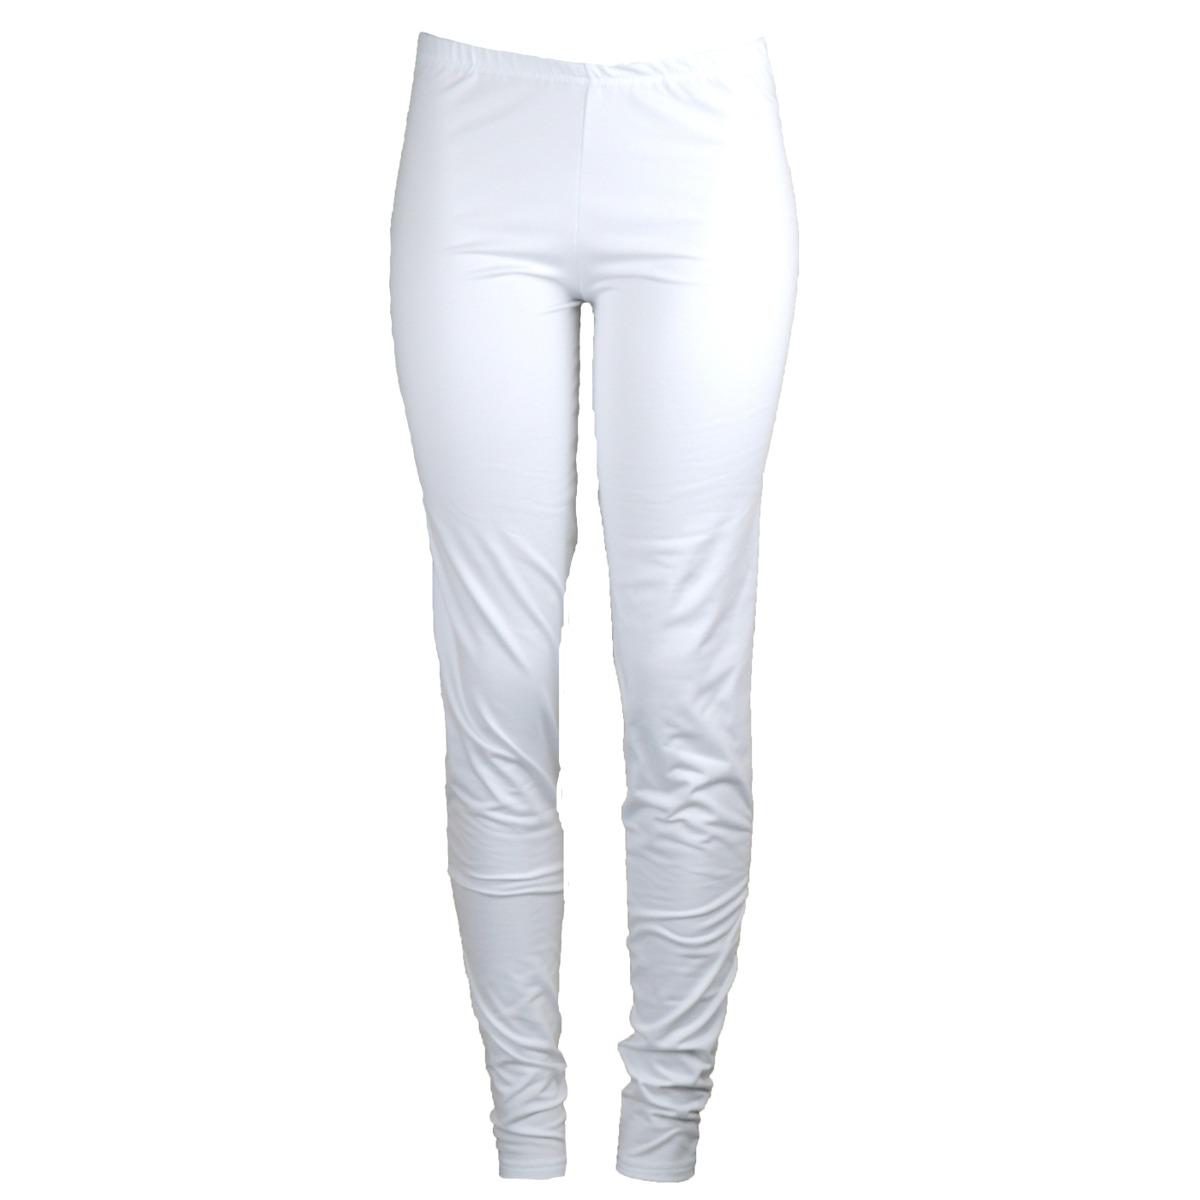 5ca82024a1 calça térmica feminina segunda pele thermo premium - cor bra. Carregando  zoom.